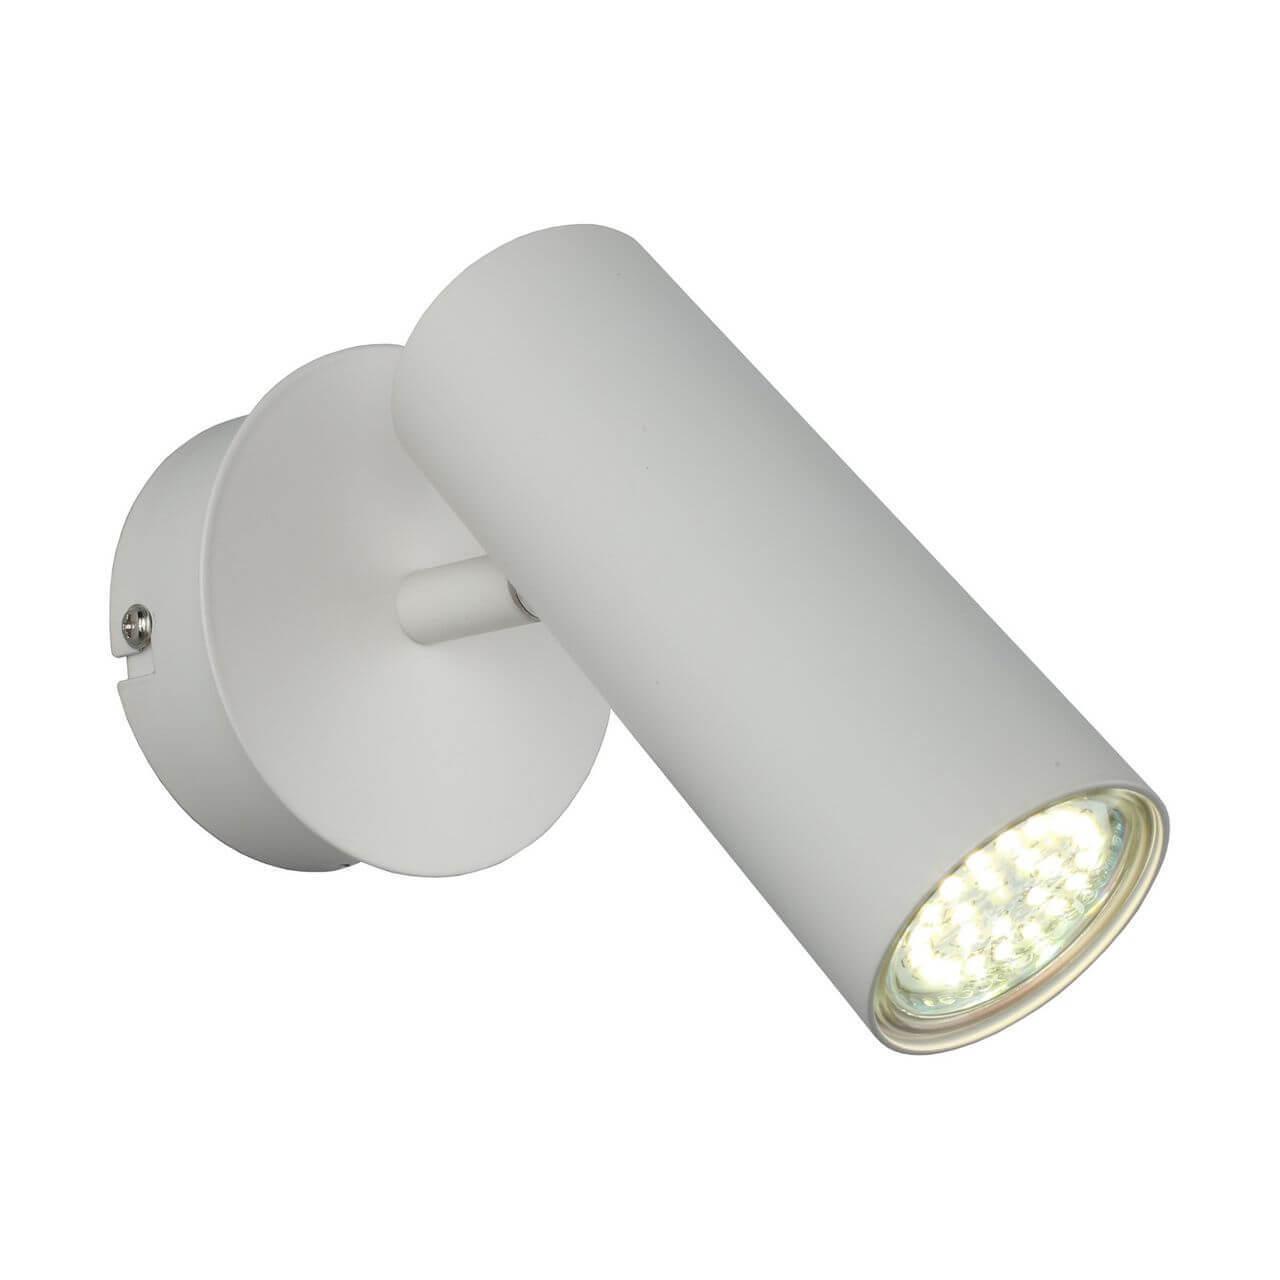 Спот Omnilux OML-20201-01, LED, 4.5 Вт цена